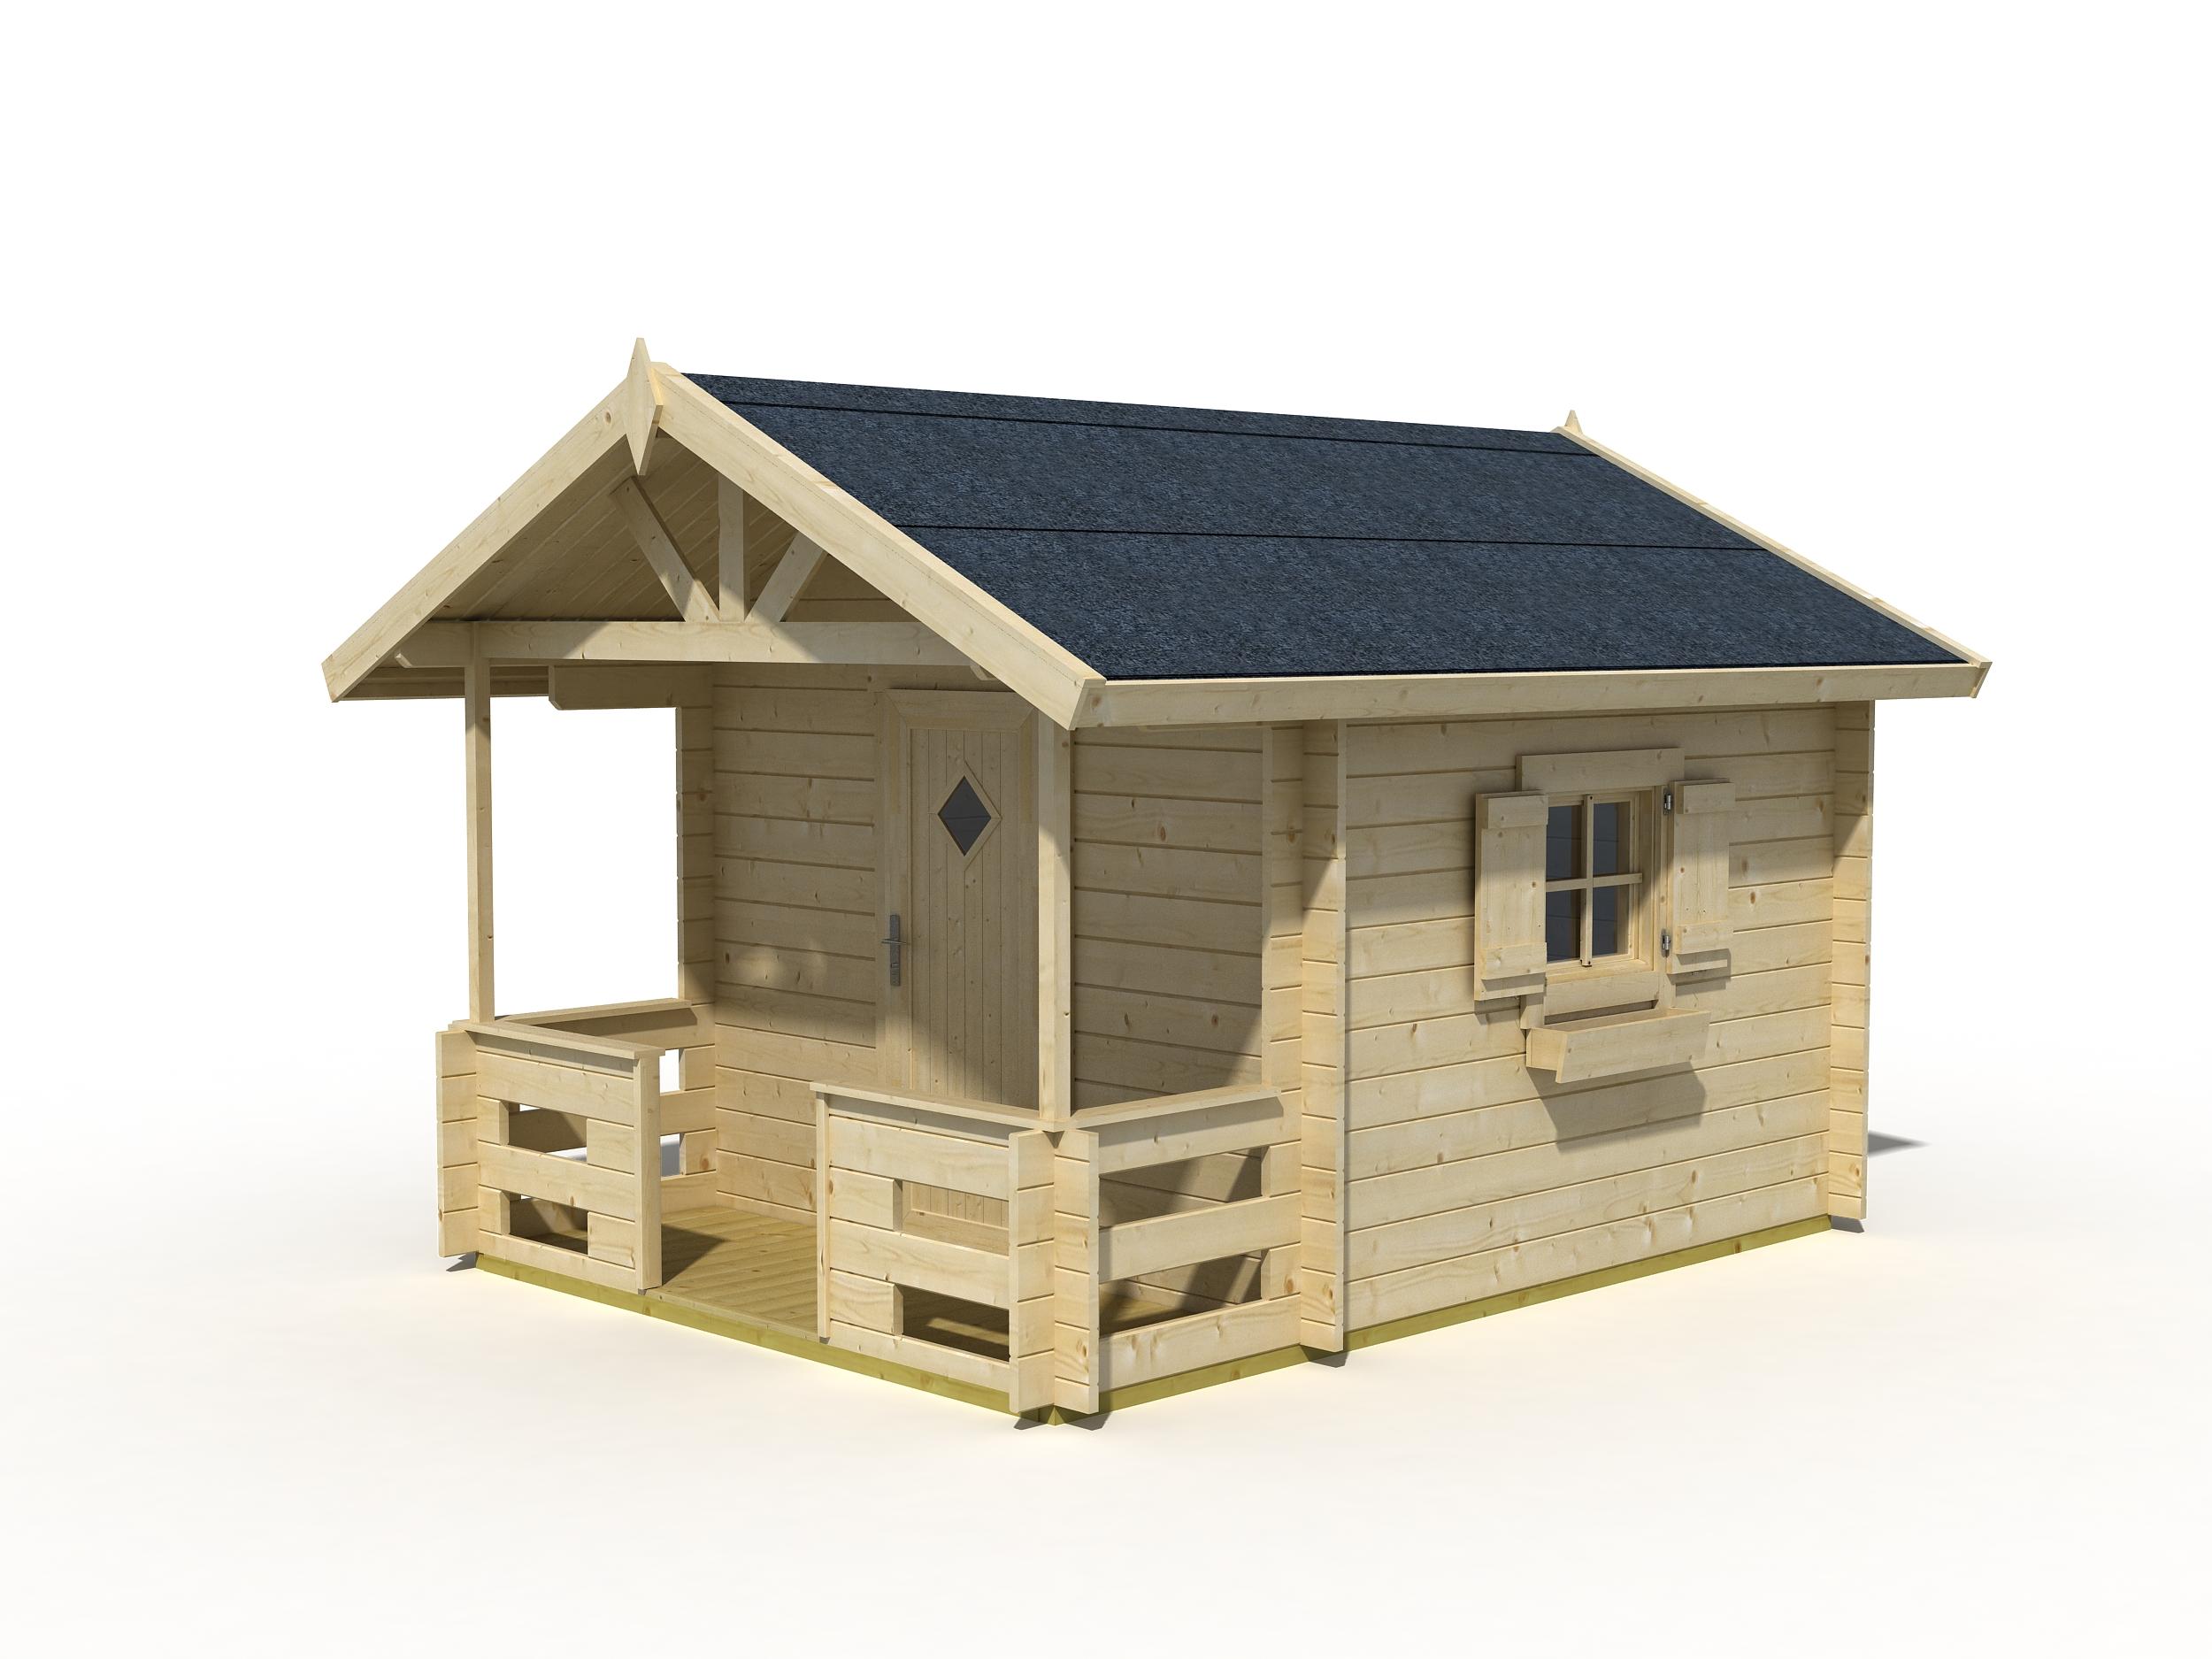 Cabine de plage en bois pour jardin - Cabine de plage pour jardin ...